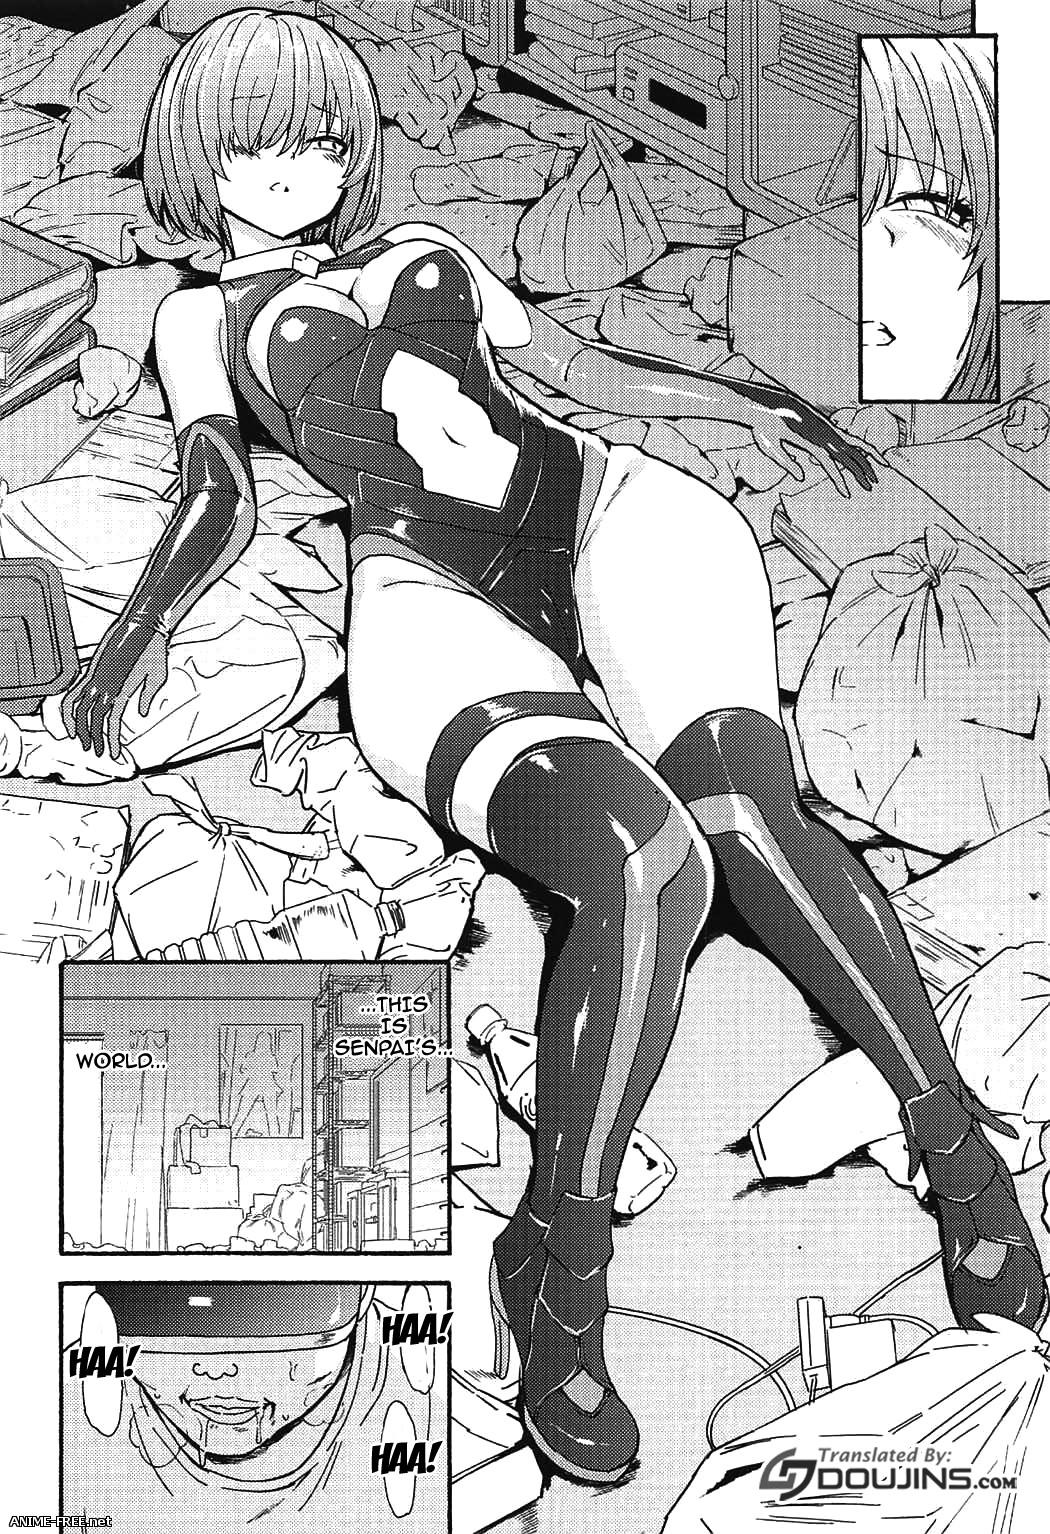 Hakaba / Dairiseki - Сборник хентай манги [Ptcen] [ENG,JAP,RUS,CHI] Manga Hentai